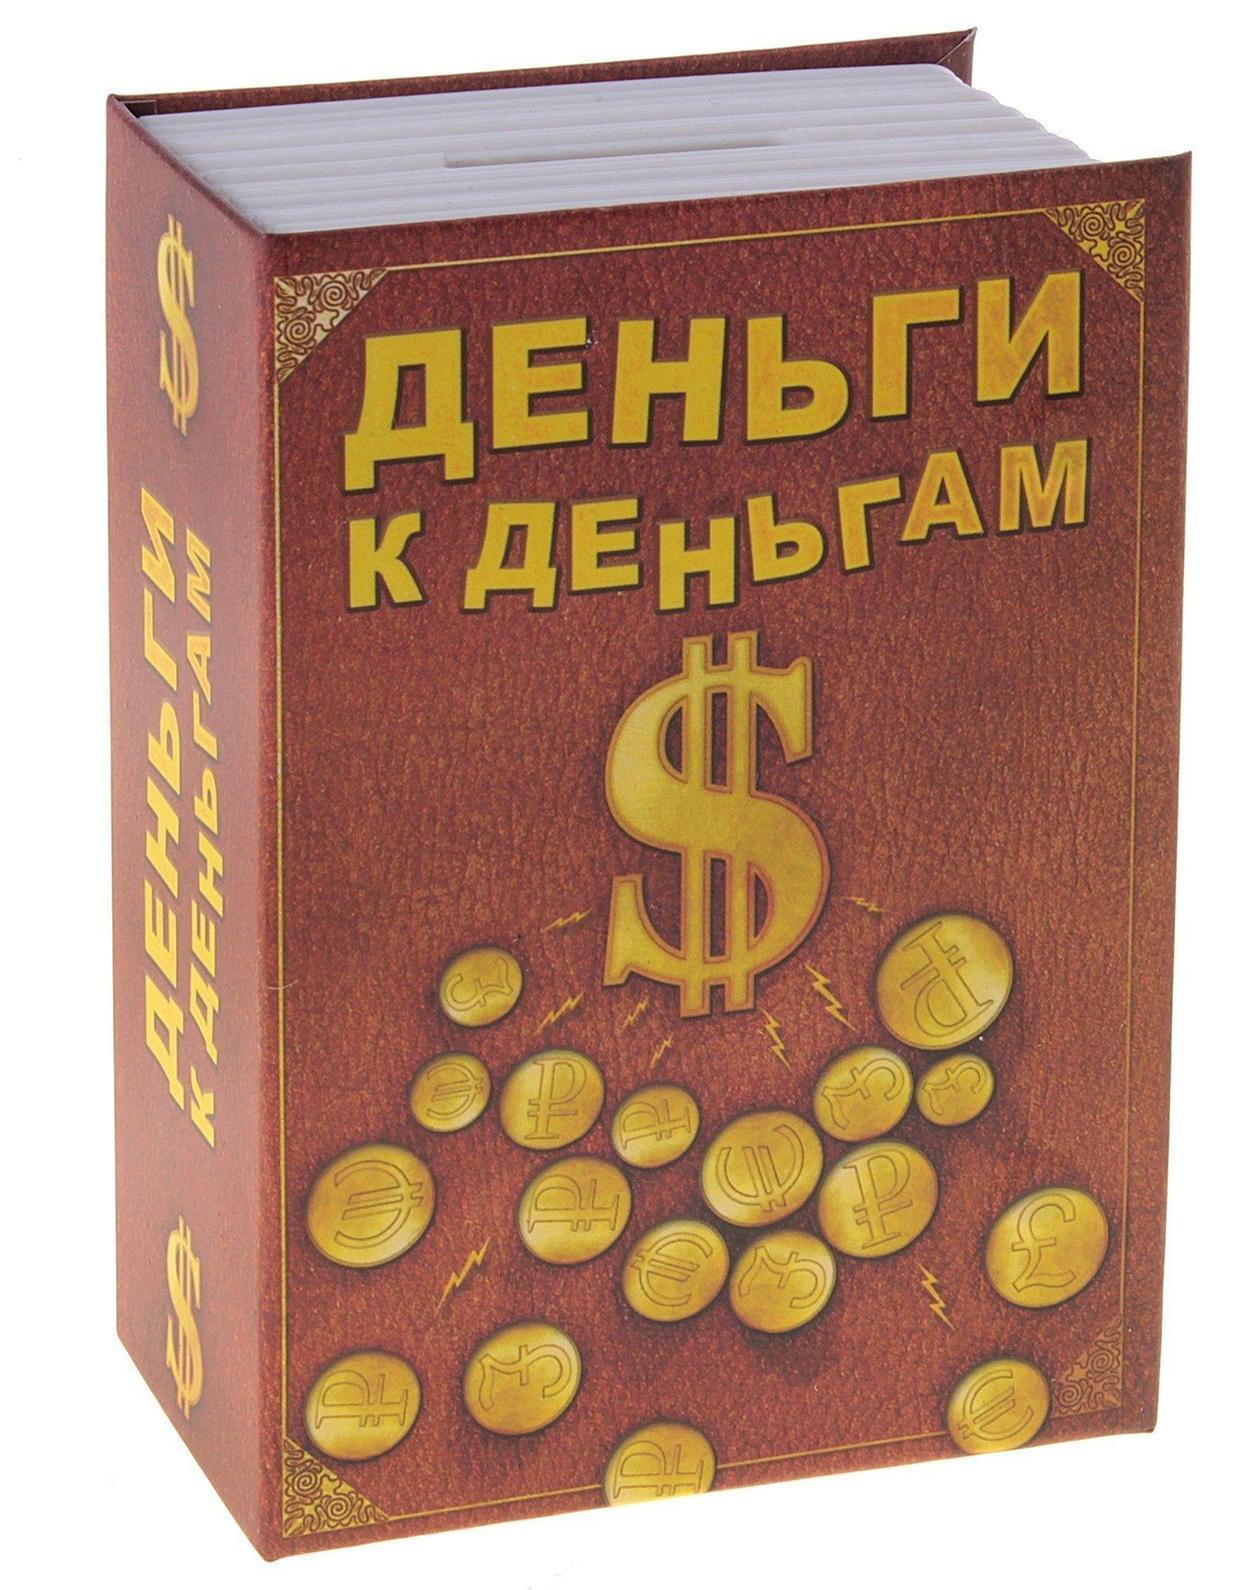 Сейф-копилка Деньги к деньгам. 663727ot-10Сейф-копилка Деньги к деньгам - отличный подарок, подчеркивающий яркую индивидуальность и амбициозные планы того, кому он предназначается. Изготовлена из металла и декорирована соответствующей надписью. Сейф оснащен замком и закрывается на ключ. Копилка - это оригинальный и нужный подарок на все случаи жизни. Характеристики: Материал: металл. Цвет: коричневый. Размер копилки: 11,5 см х 11,5 см х 8 см. Размер упаковки: 12 см х 12 см х 8,5 см. Производитель: Китай. Артикул: 663727.